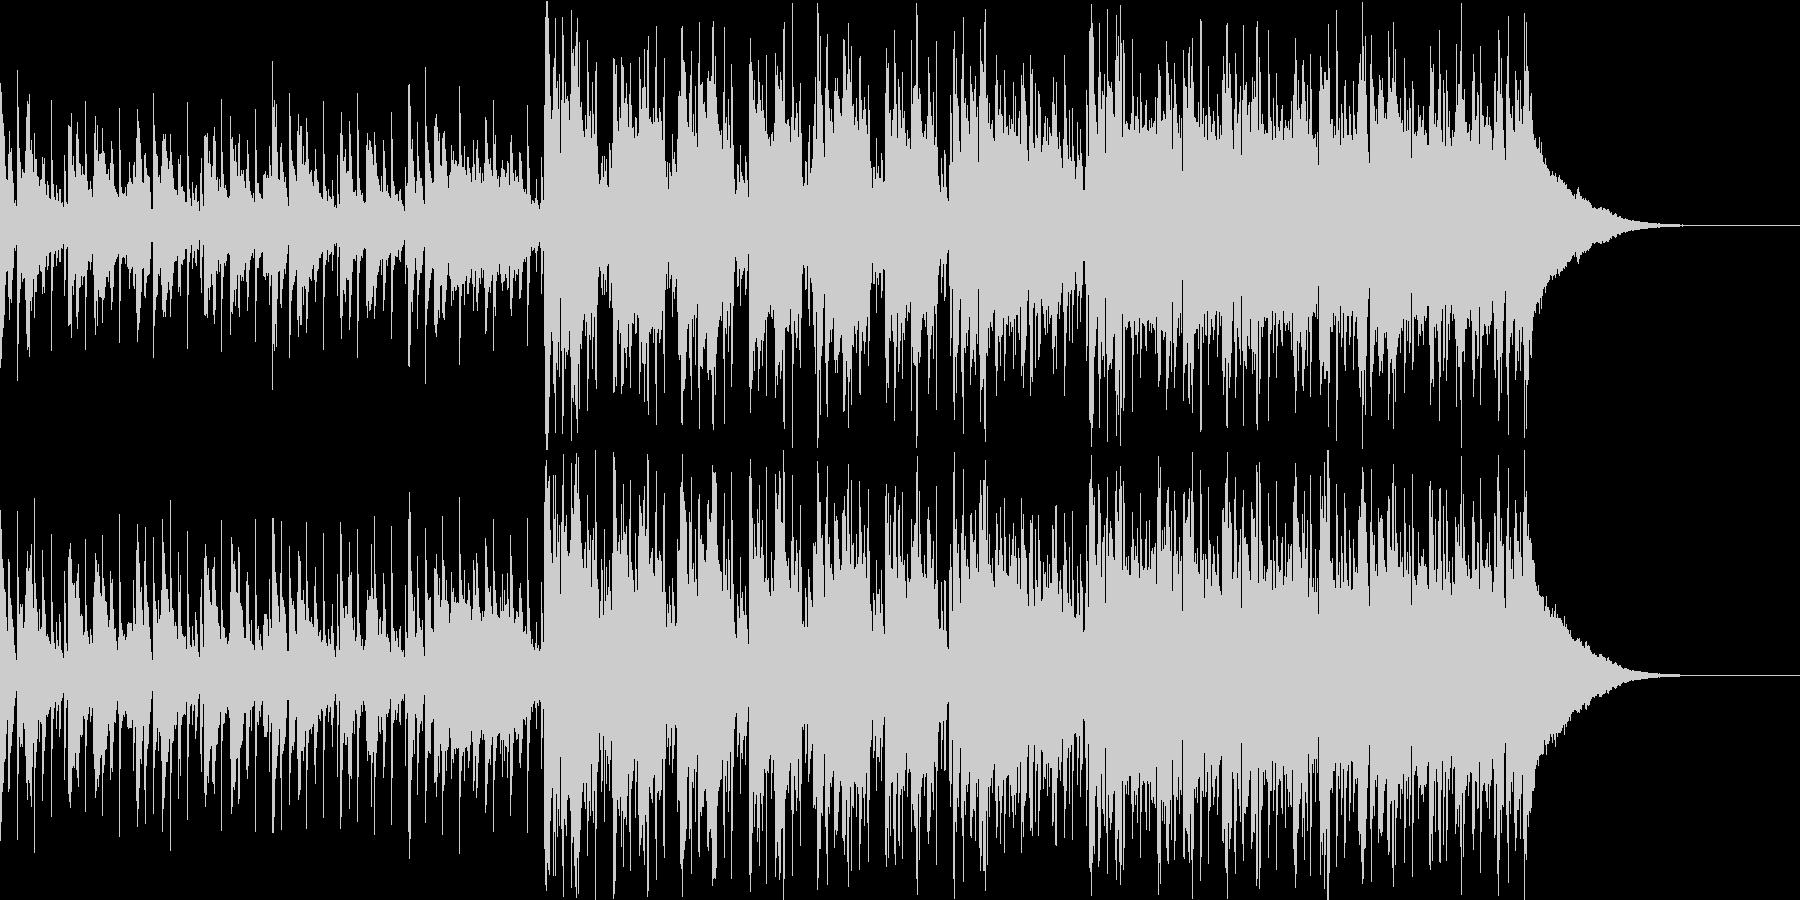 Pf「世間」和風現代ジャズの未再生の波形